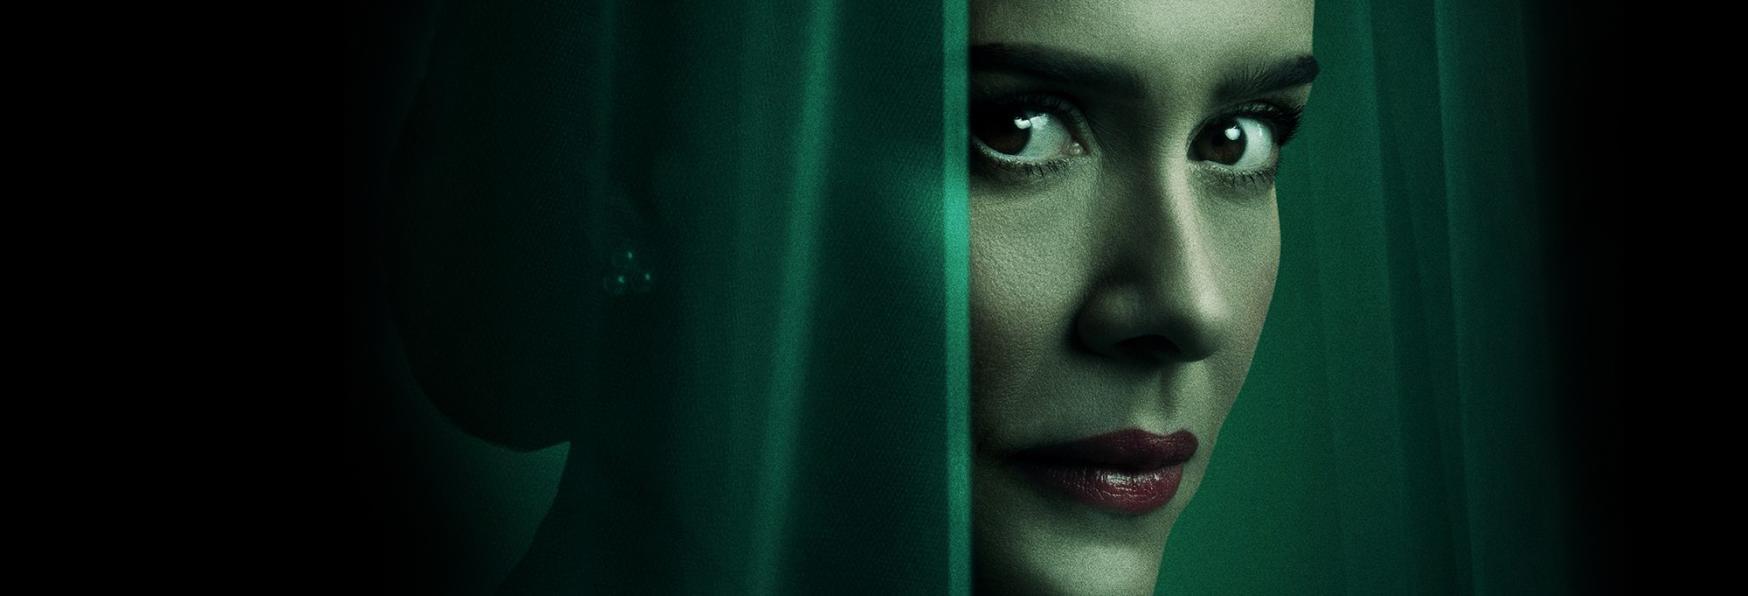 Incredibile Successo per Ratched, la Serie TV Netflix con Sarah Paulson e Sharon Stone